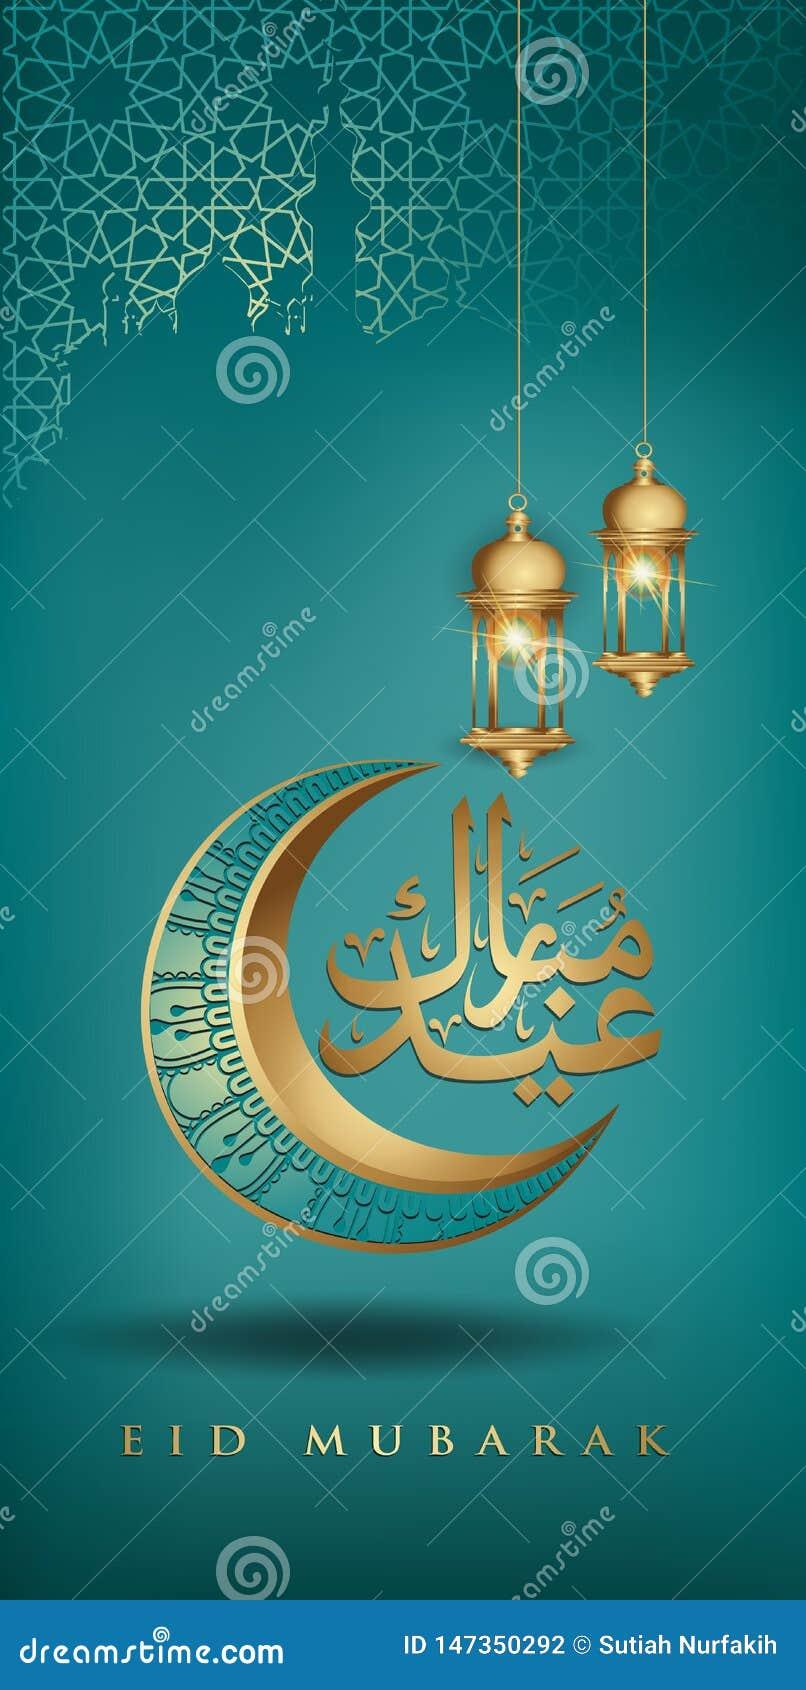 Eid mubarak med den guld- lyxiga v?xande m?nen och den traditionella lyktan, vektor f?r h?lsa kort f?r mall islamisk utsmyckad f?